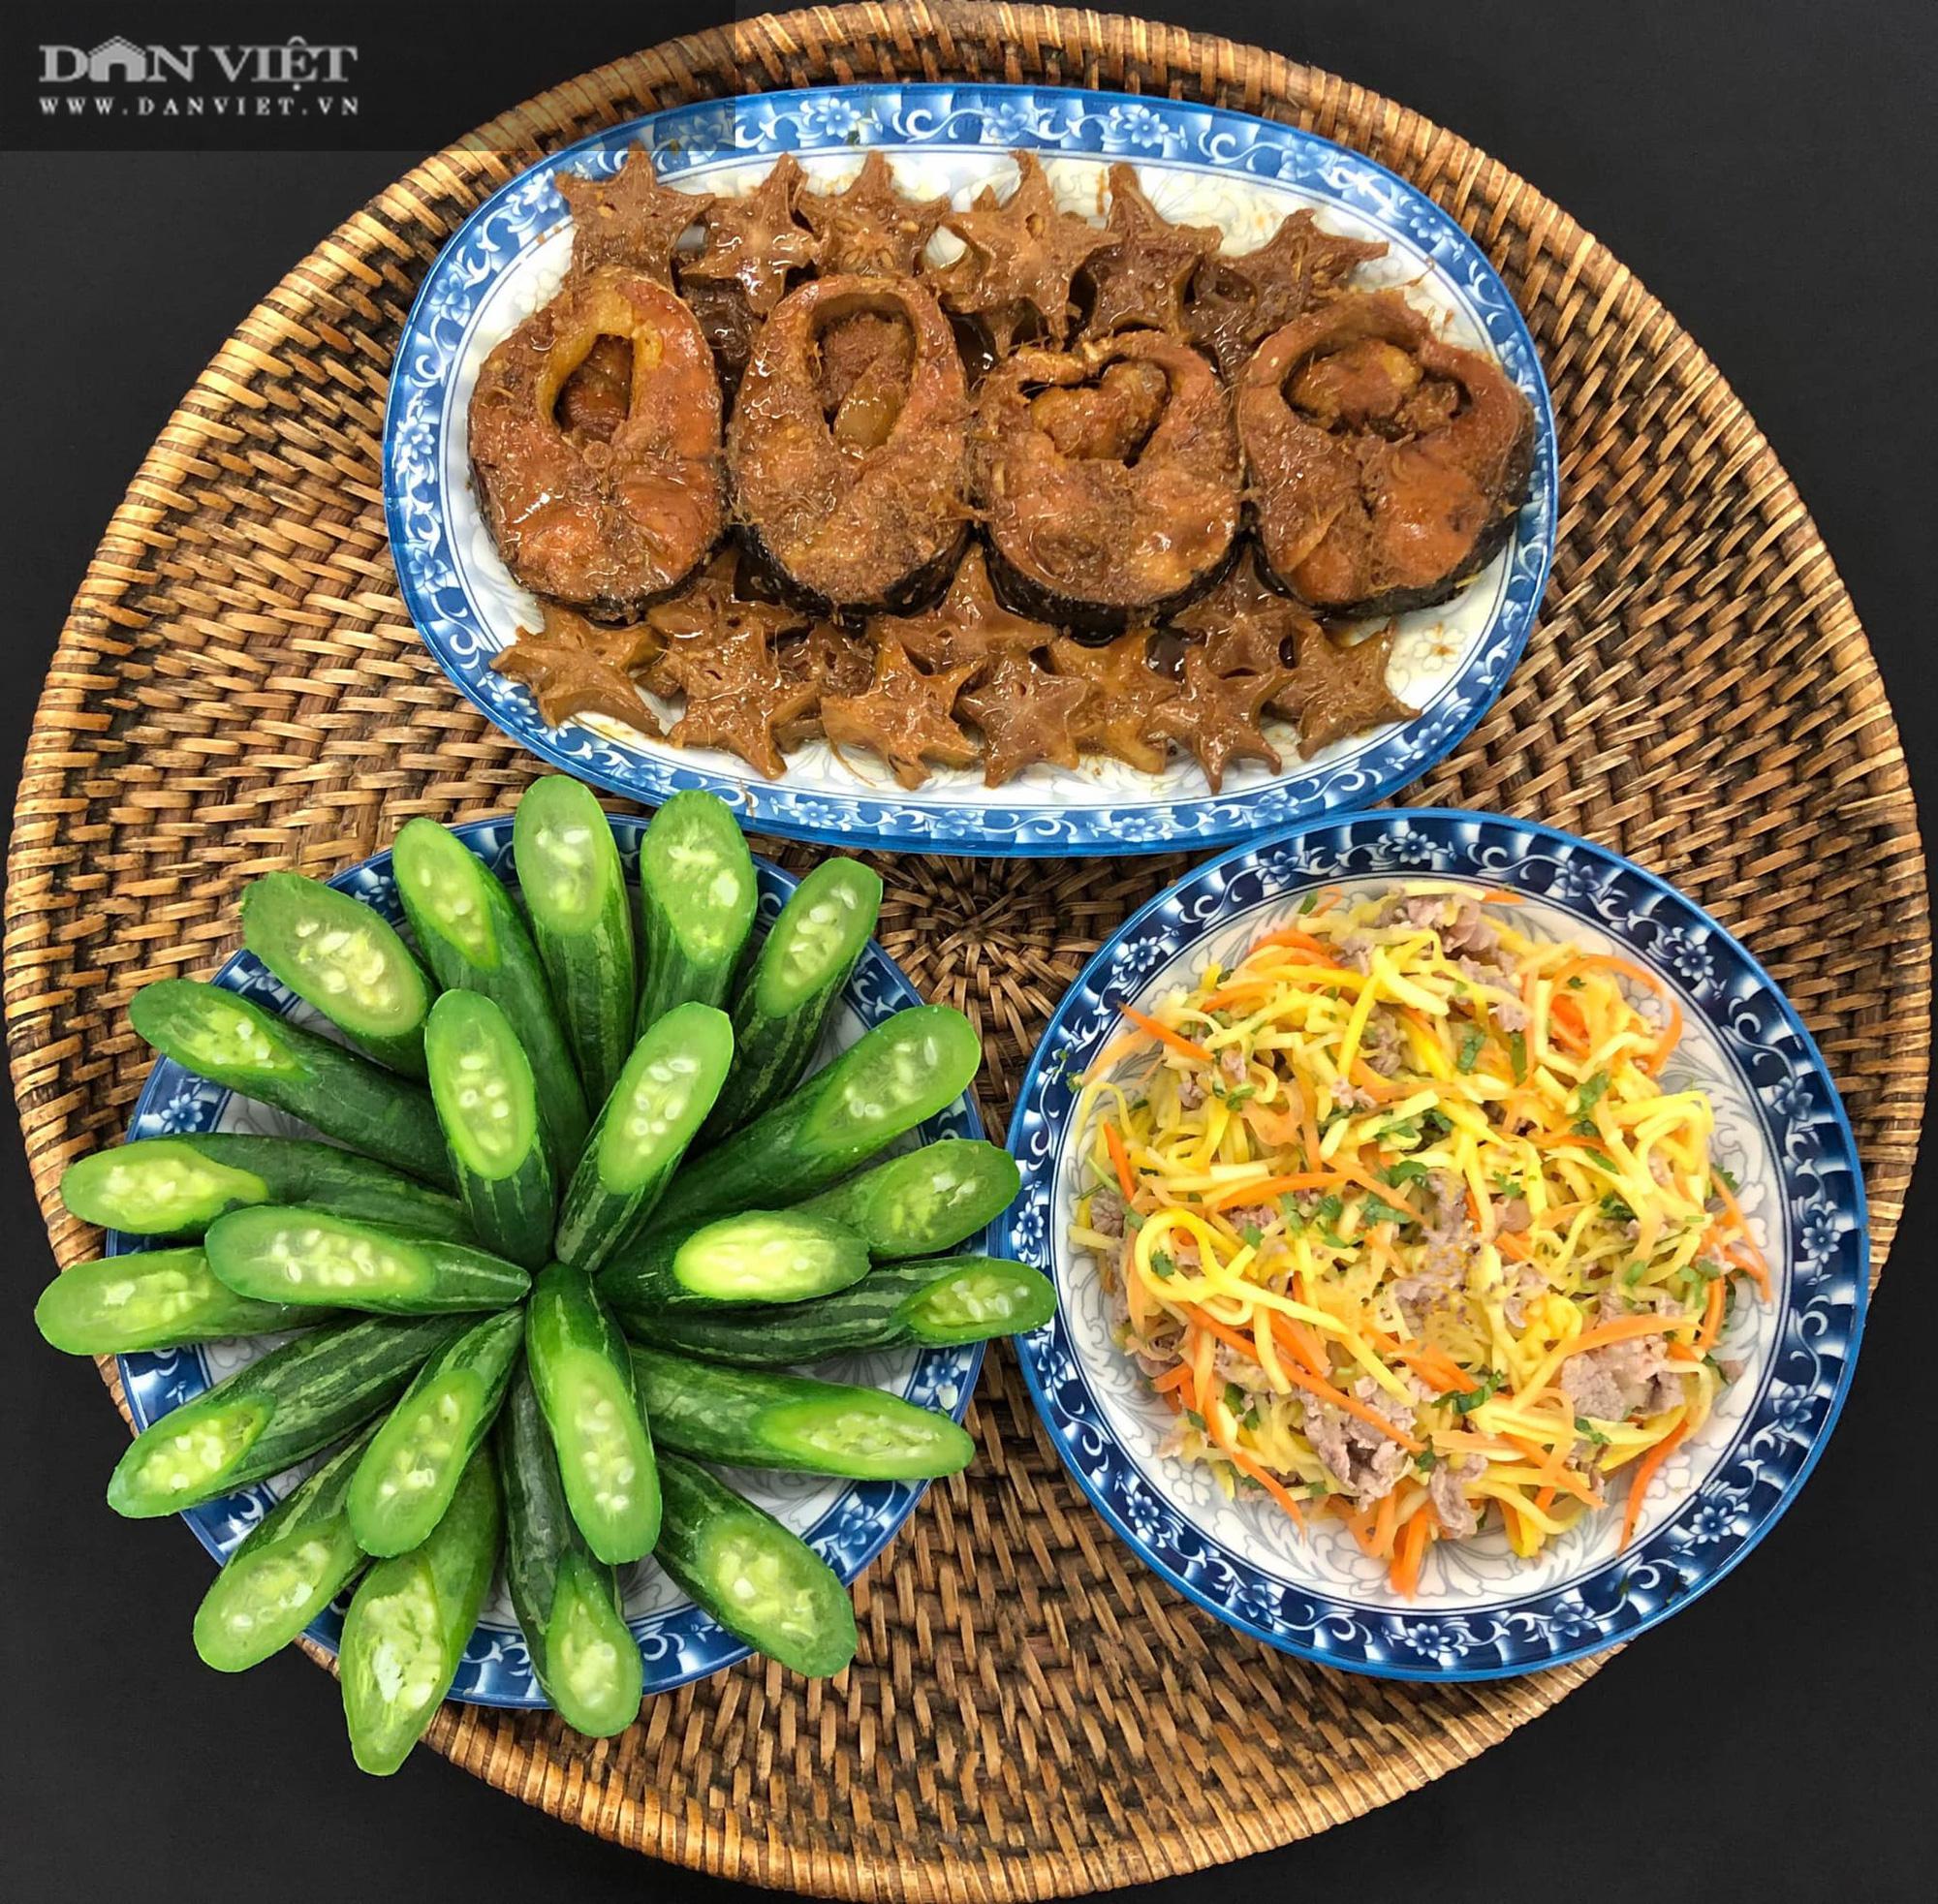 Gợi ý 7 thực đơn đủ dinh dưỡng cho bữa cơm gia đình - Ảnh 5.